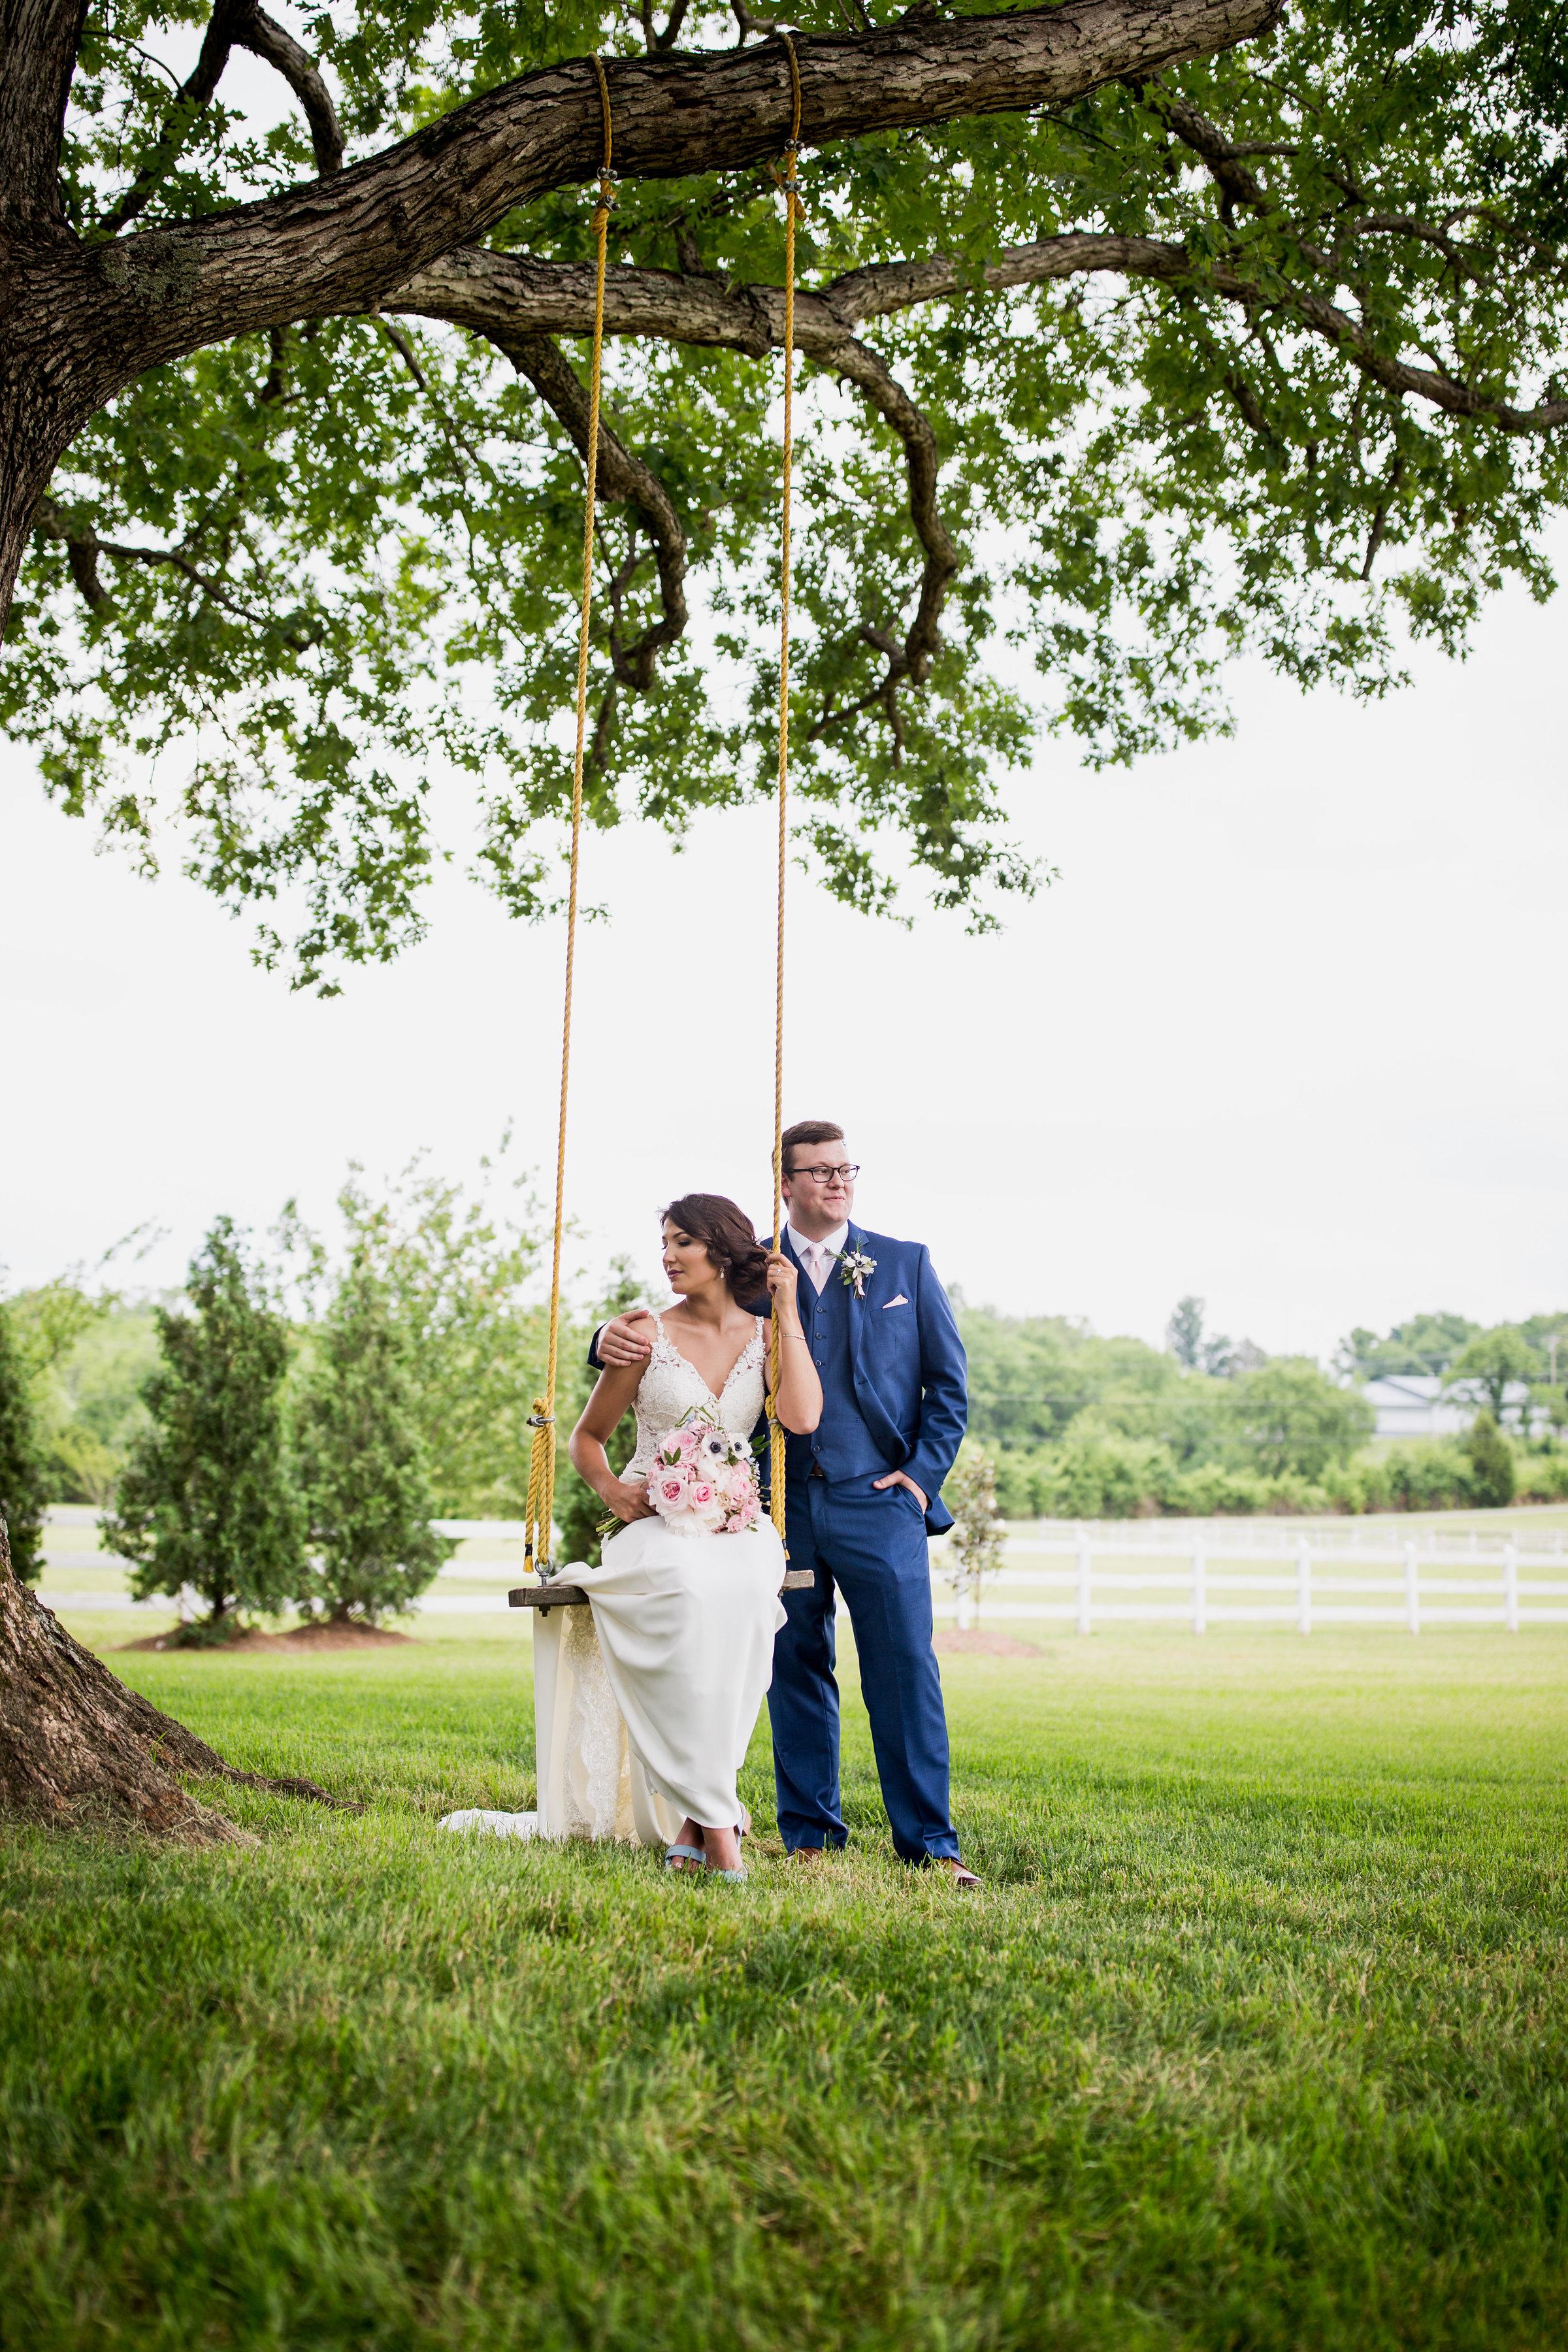 Saddlewood-Farms-Nashville-Wedding-Photographers-278.jpg